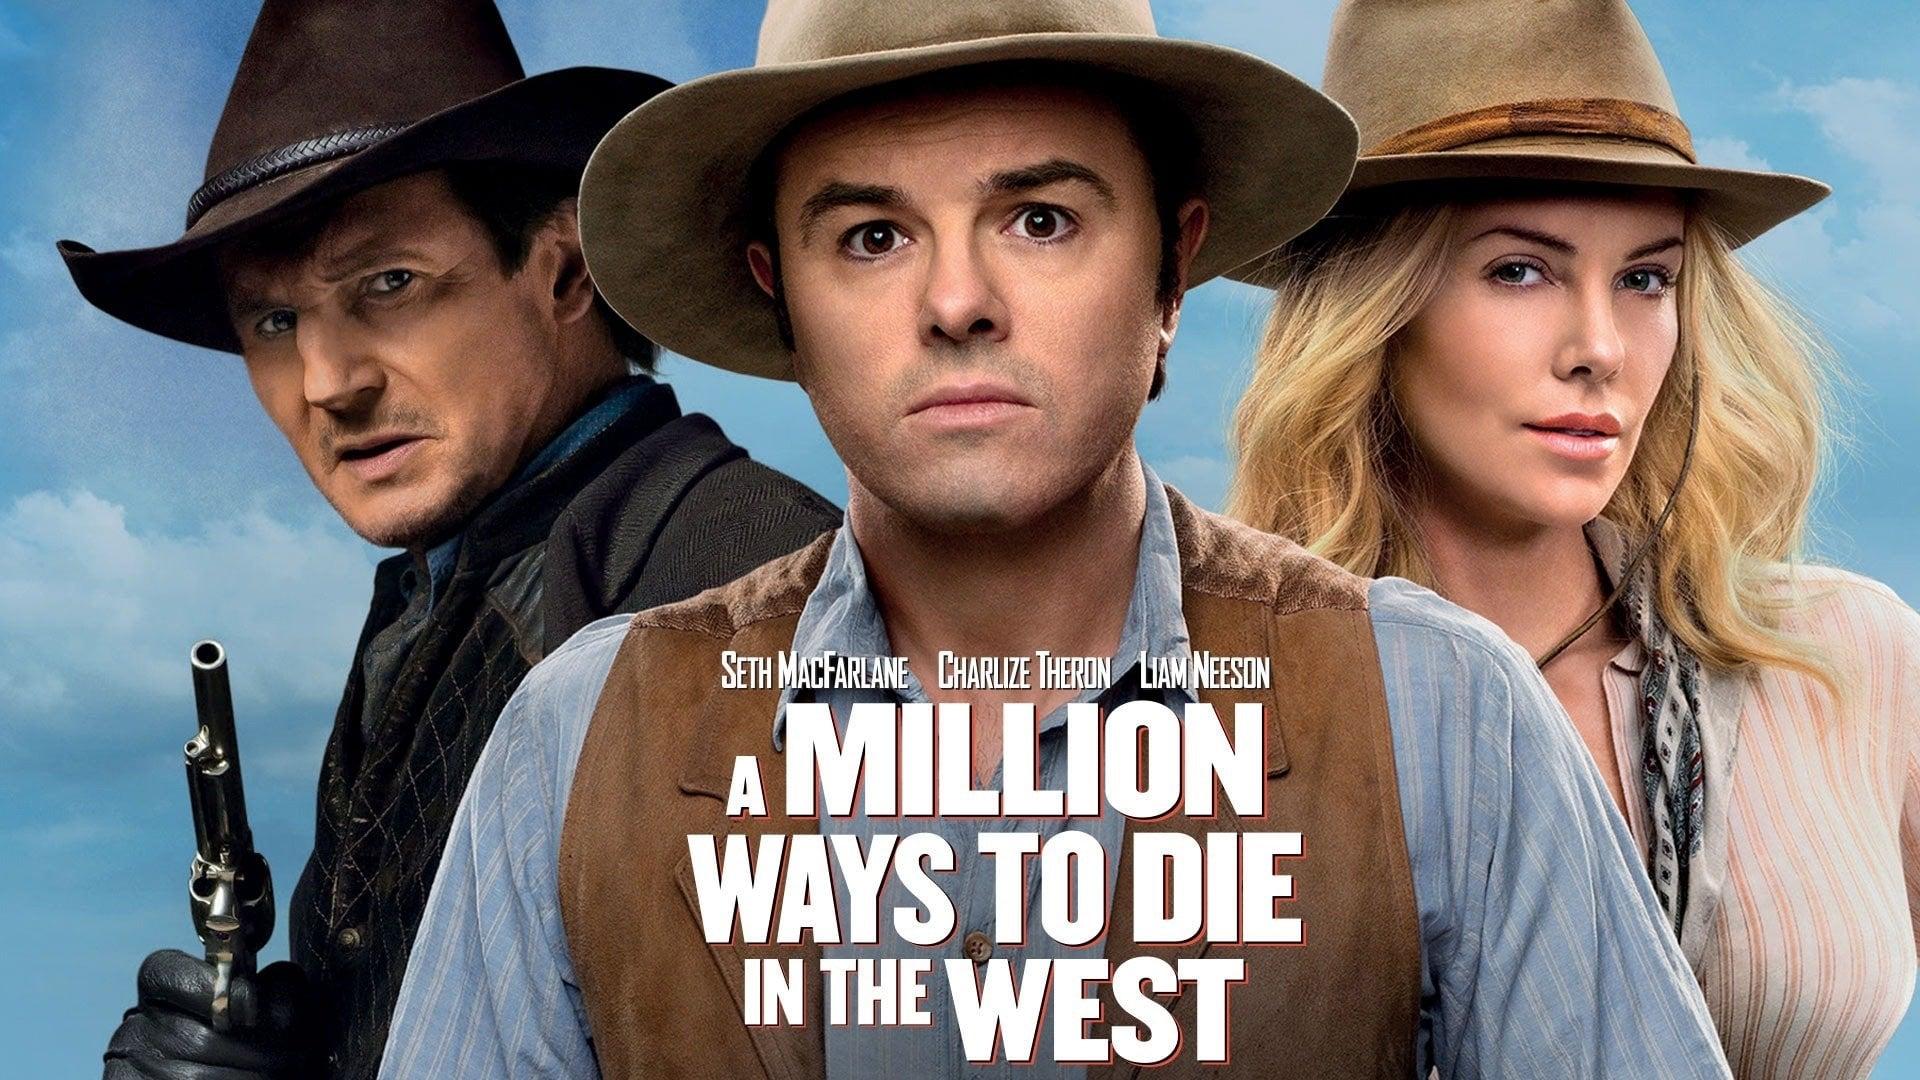 Yeni Başlayanlar İçin Vahşi Batı (2014)